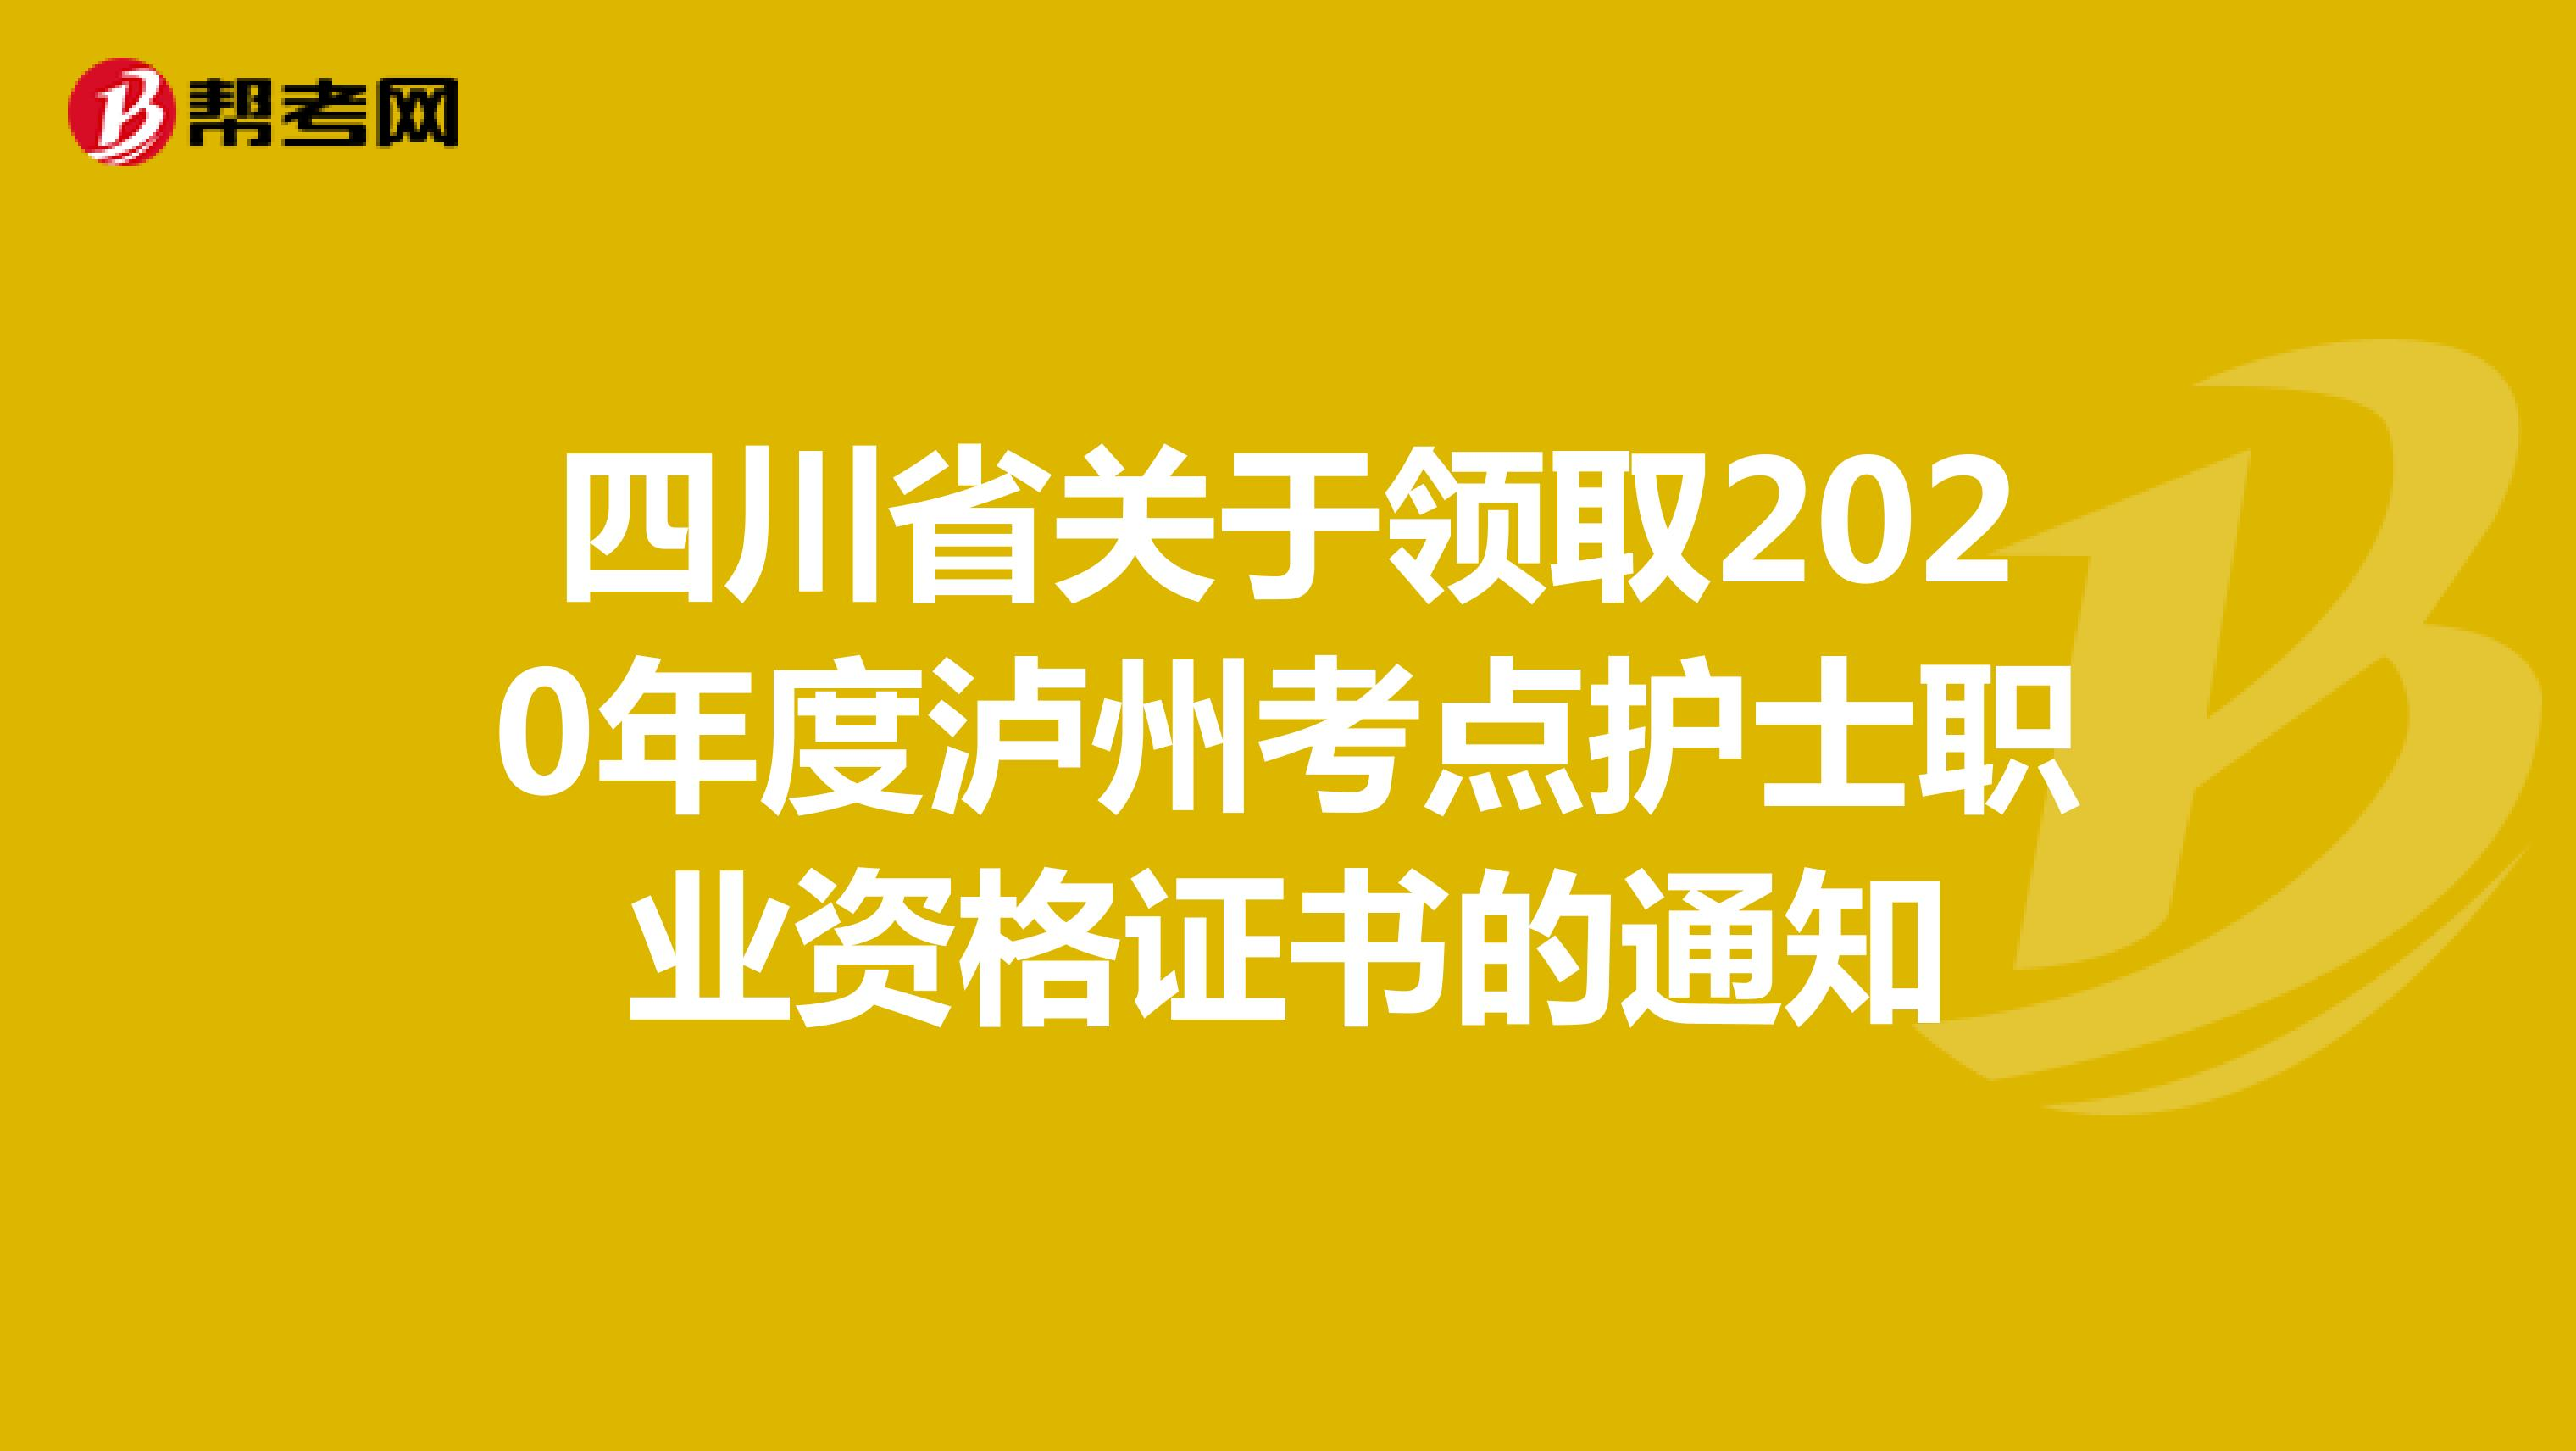 四川省關于領取2020年度瀘州考點護士職業資格證書的通知